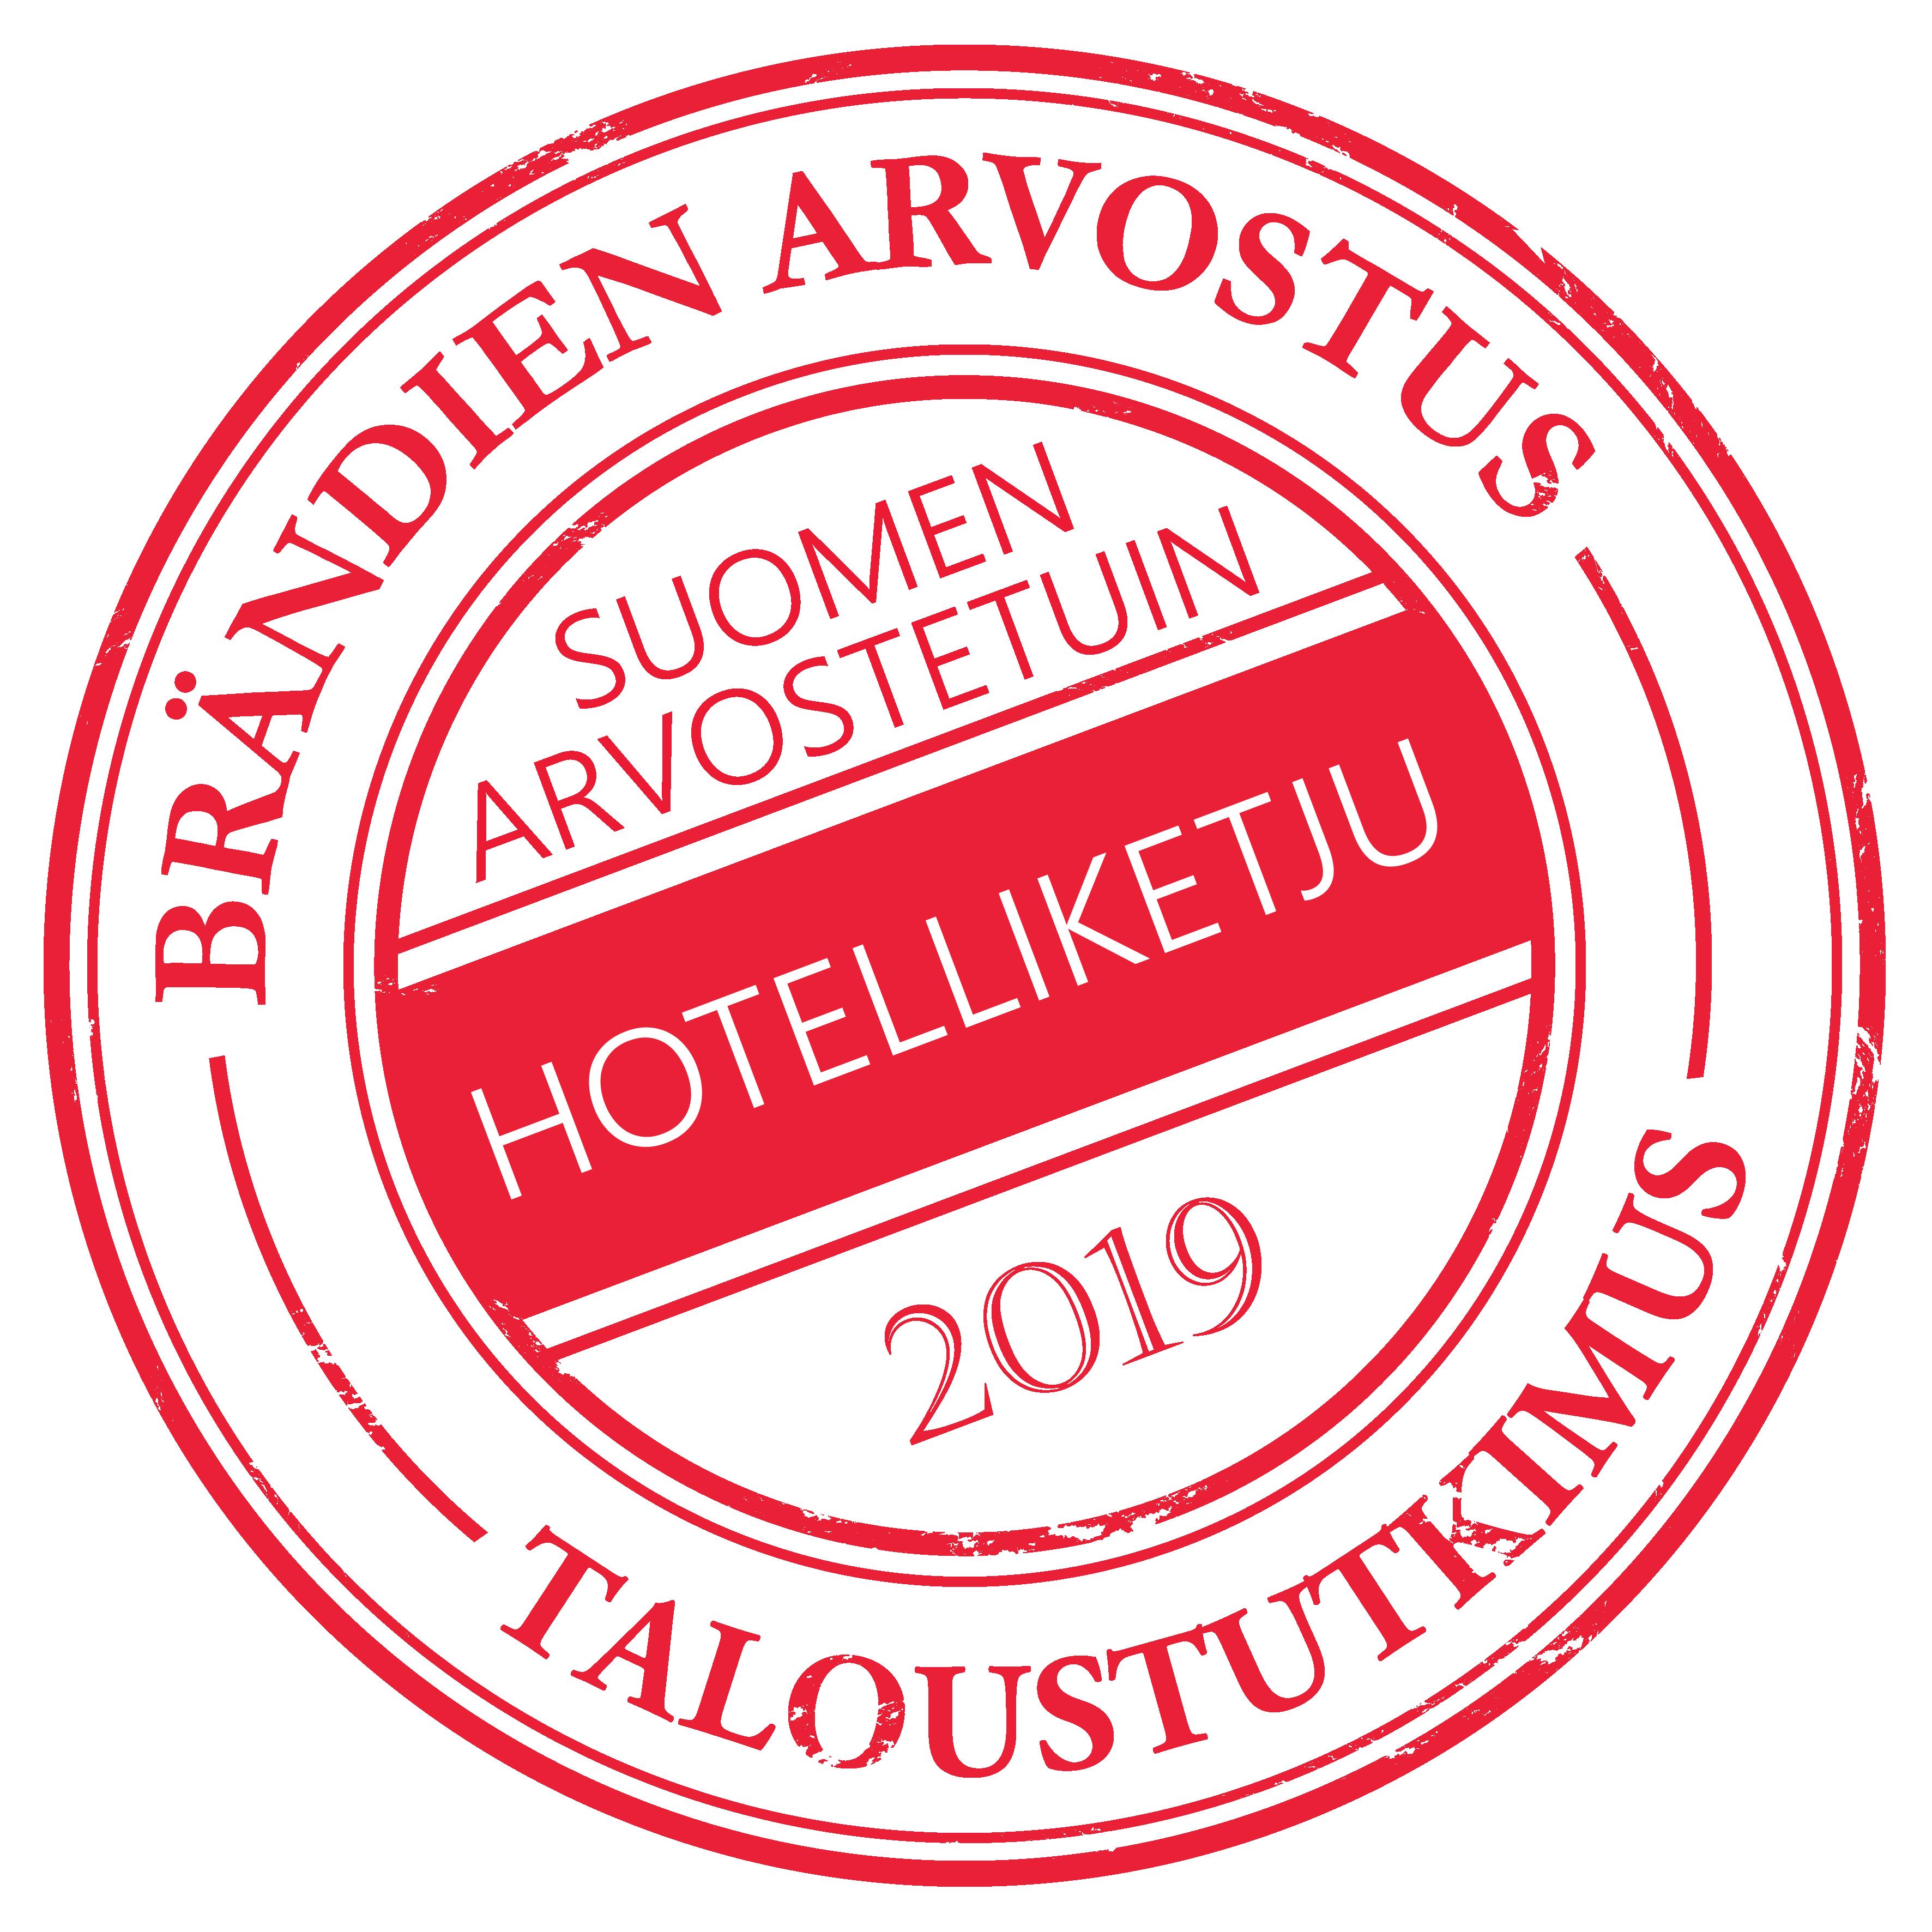 crystal show club helsinki review katsastusasema riihimäki